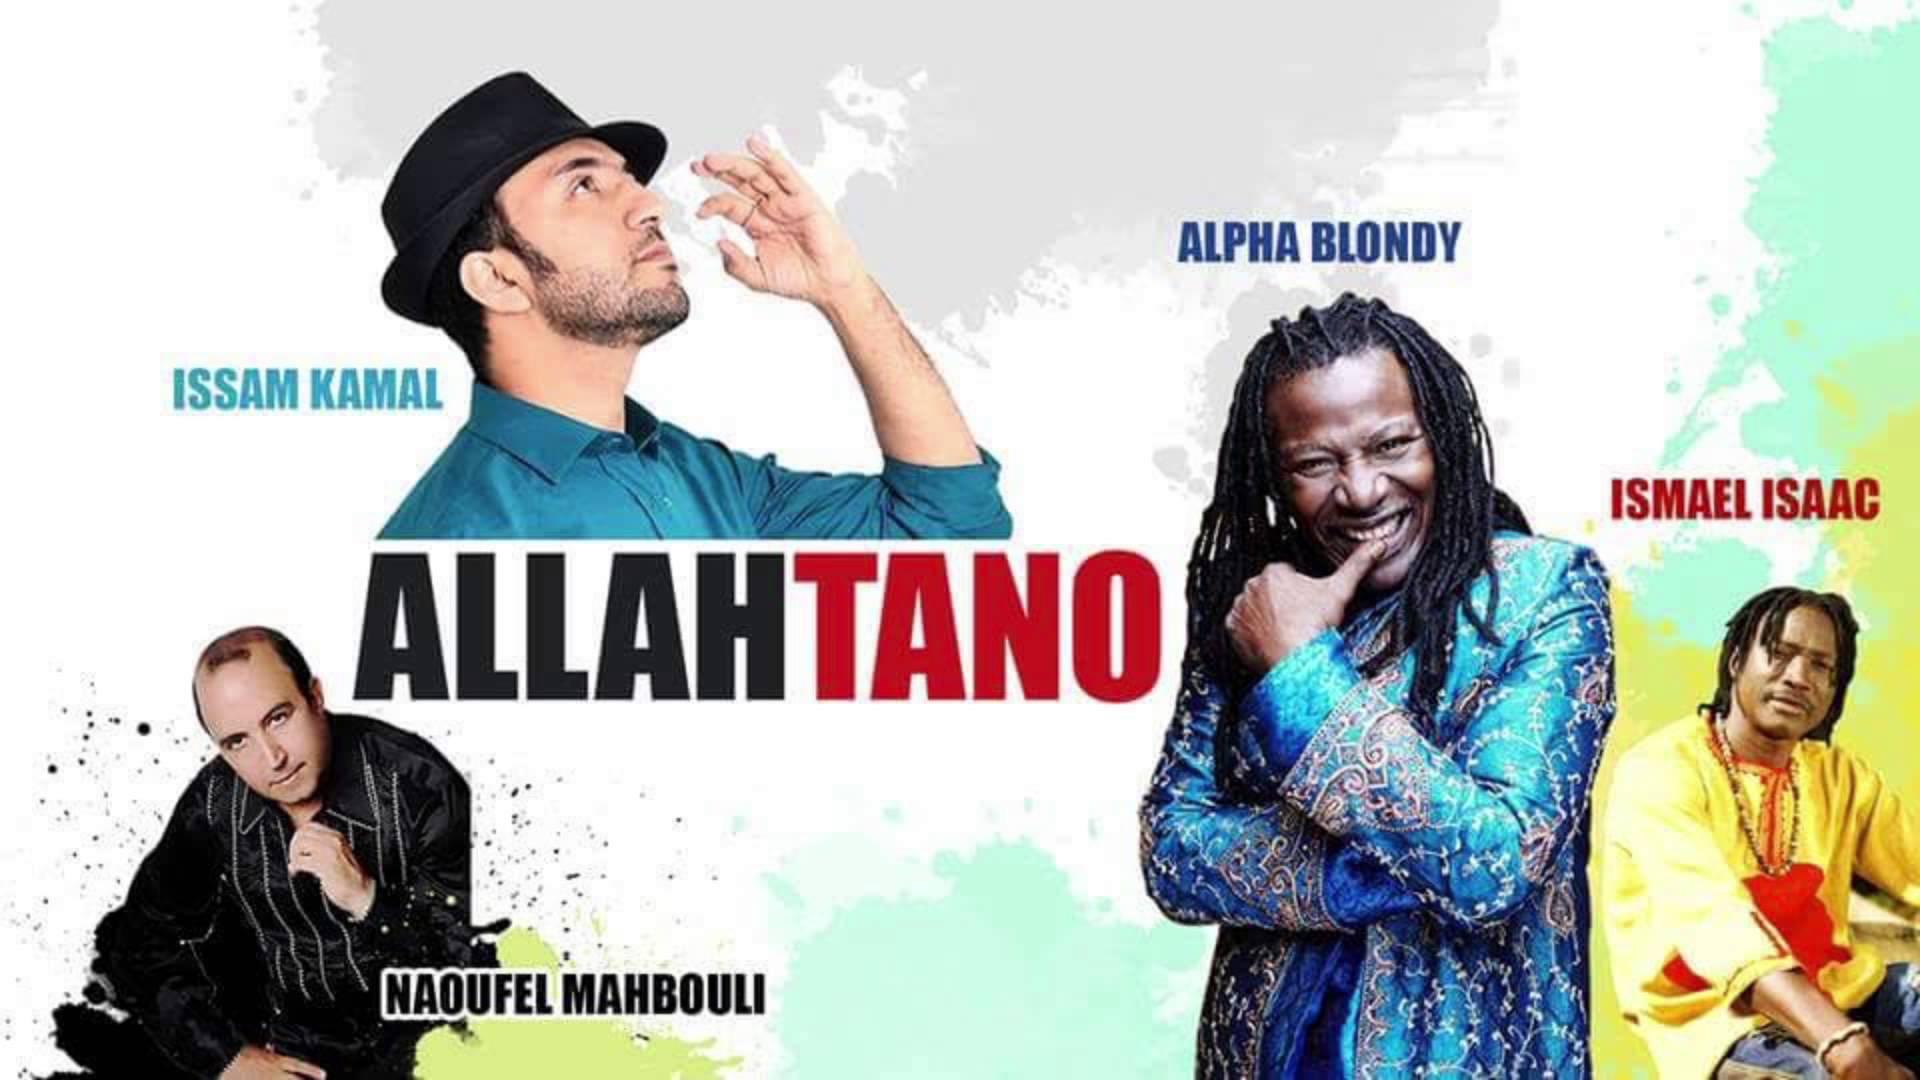 Issam Kamal sollicité  par Alpha Blondy  pour prôner  ensemble le métissage afro-oriental